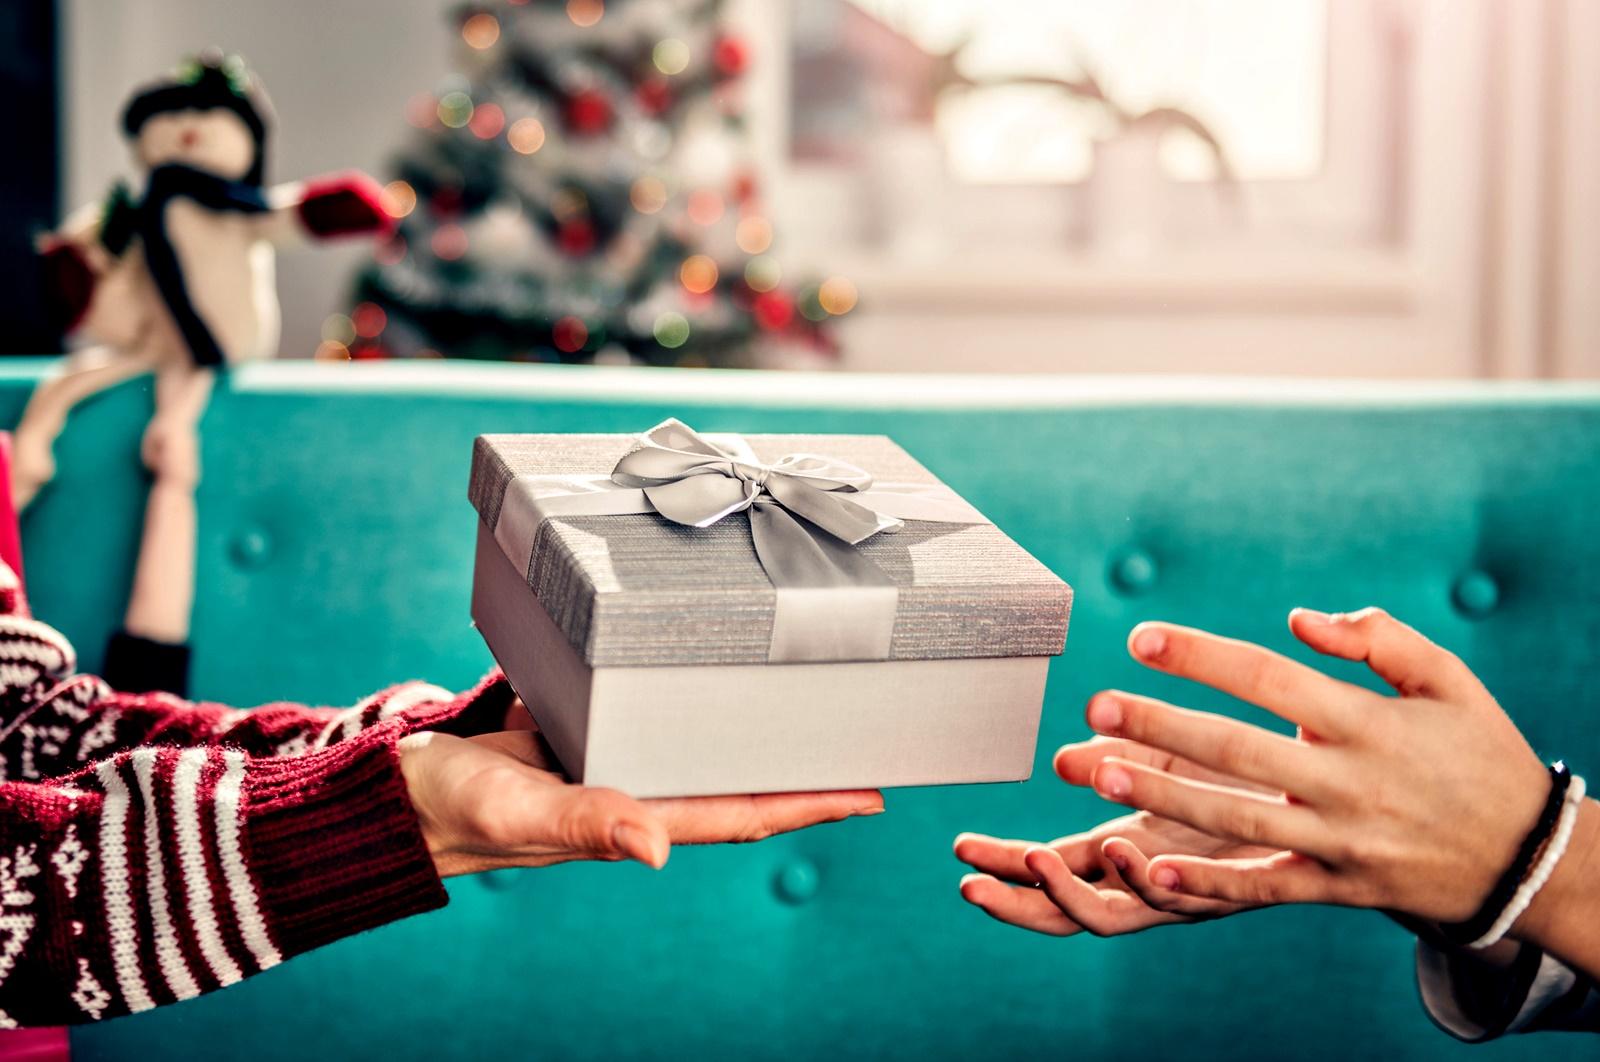 """Подарявайте и дарявайте<br /> Редица проучвания подкрепят твърдението, че да подаряваме подаръци ни прави по щастливи, намалява нивата на стреса и подобрява здравето ни като цяло. Ето <a href=""""https://www.vesti.bg/galerii/foto/5-idei-za-evtini-no-znachimi-koledni-podaryci-7151"""">няколко идеи за евтини, но значими подаръци,</a> които може да направите. Отделно може да дарите стари дрехи или топъл обяд на човек на улицата. Може да нахраните някое бездомно животинче или да дарите символична сума на благотворителна организация (която първо да проверите!). Включете и децата, това би им дало добър пример и би им помогнало да се изградят като по-отговорни и добри хора в бъдеще."""